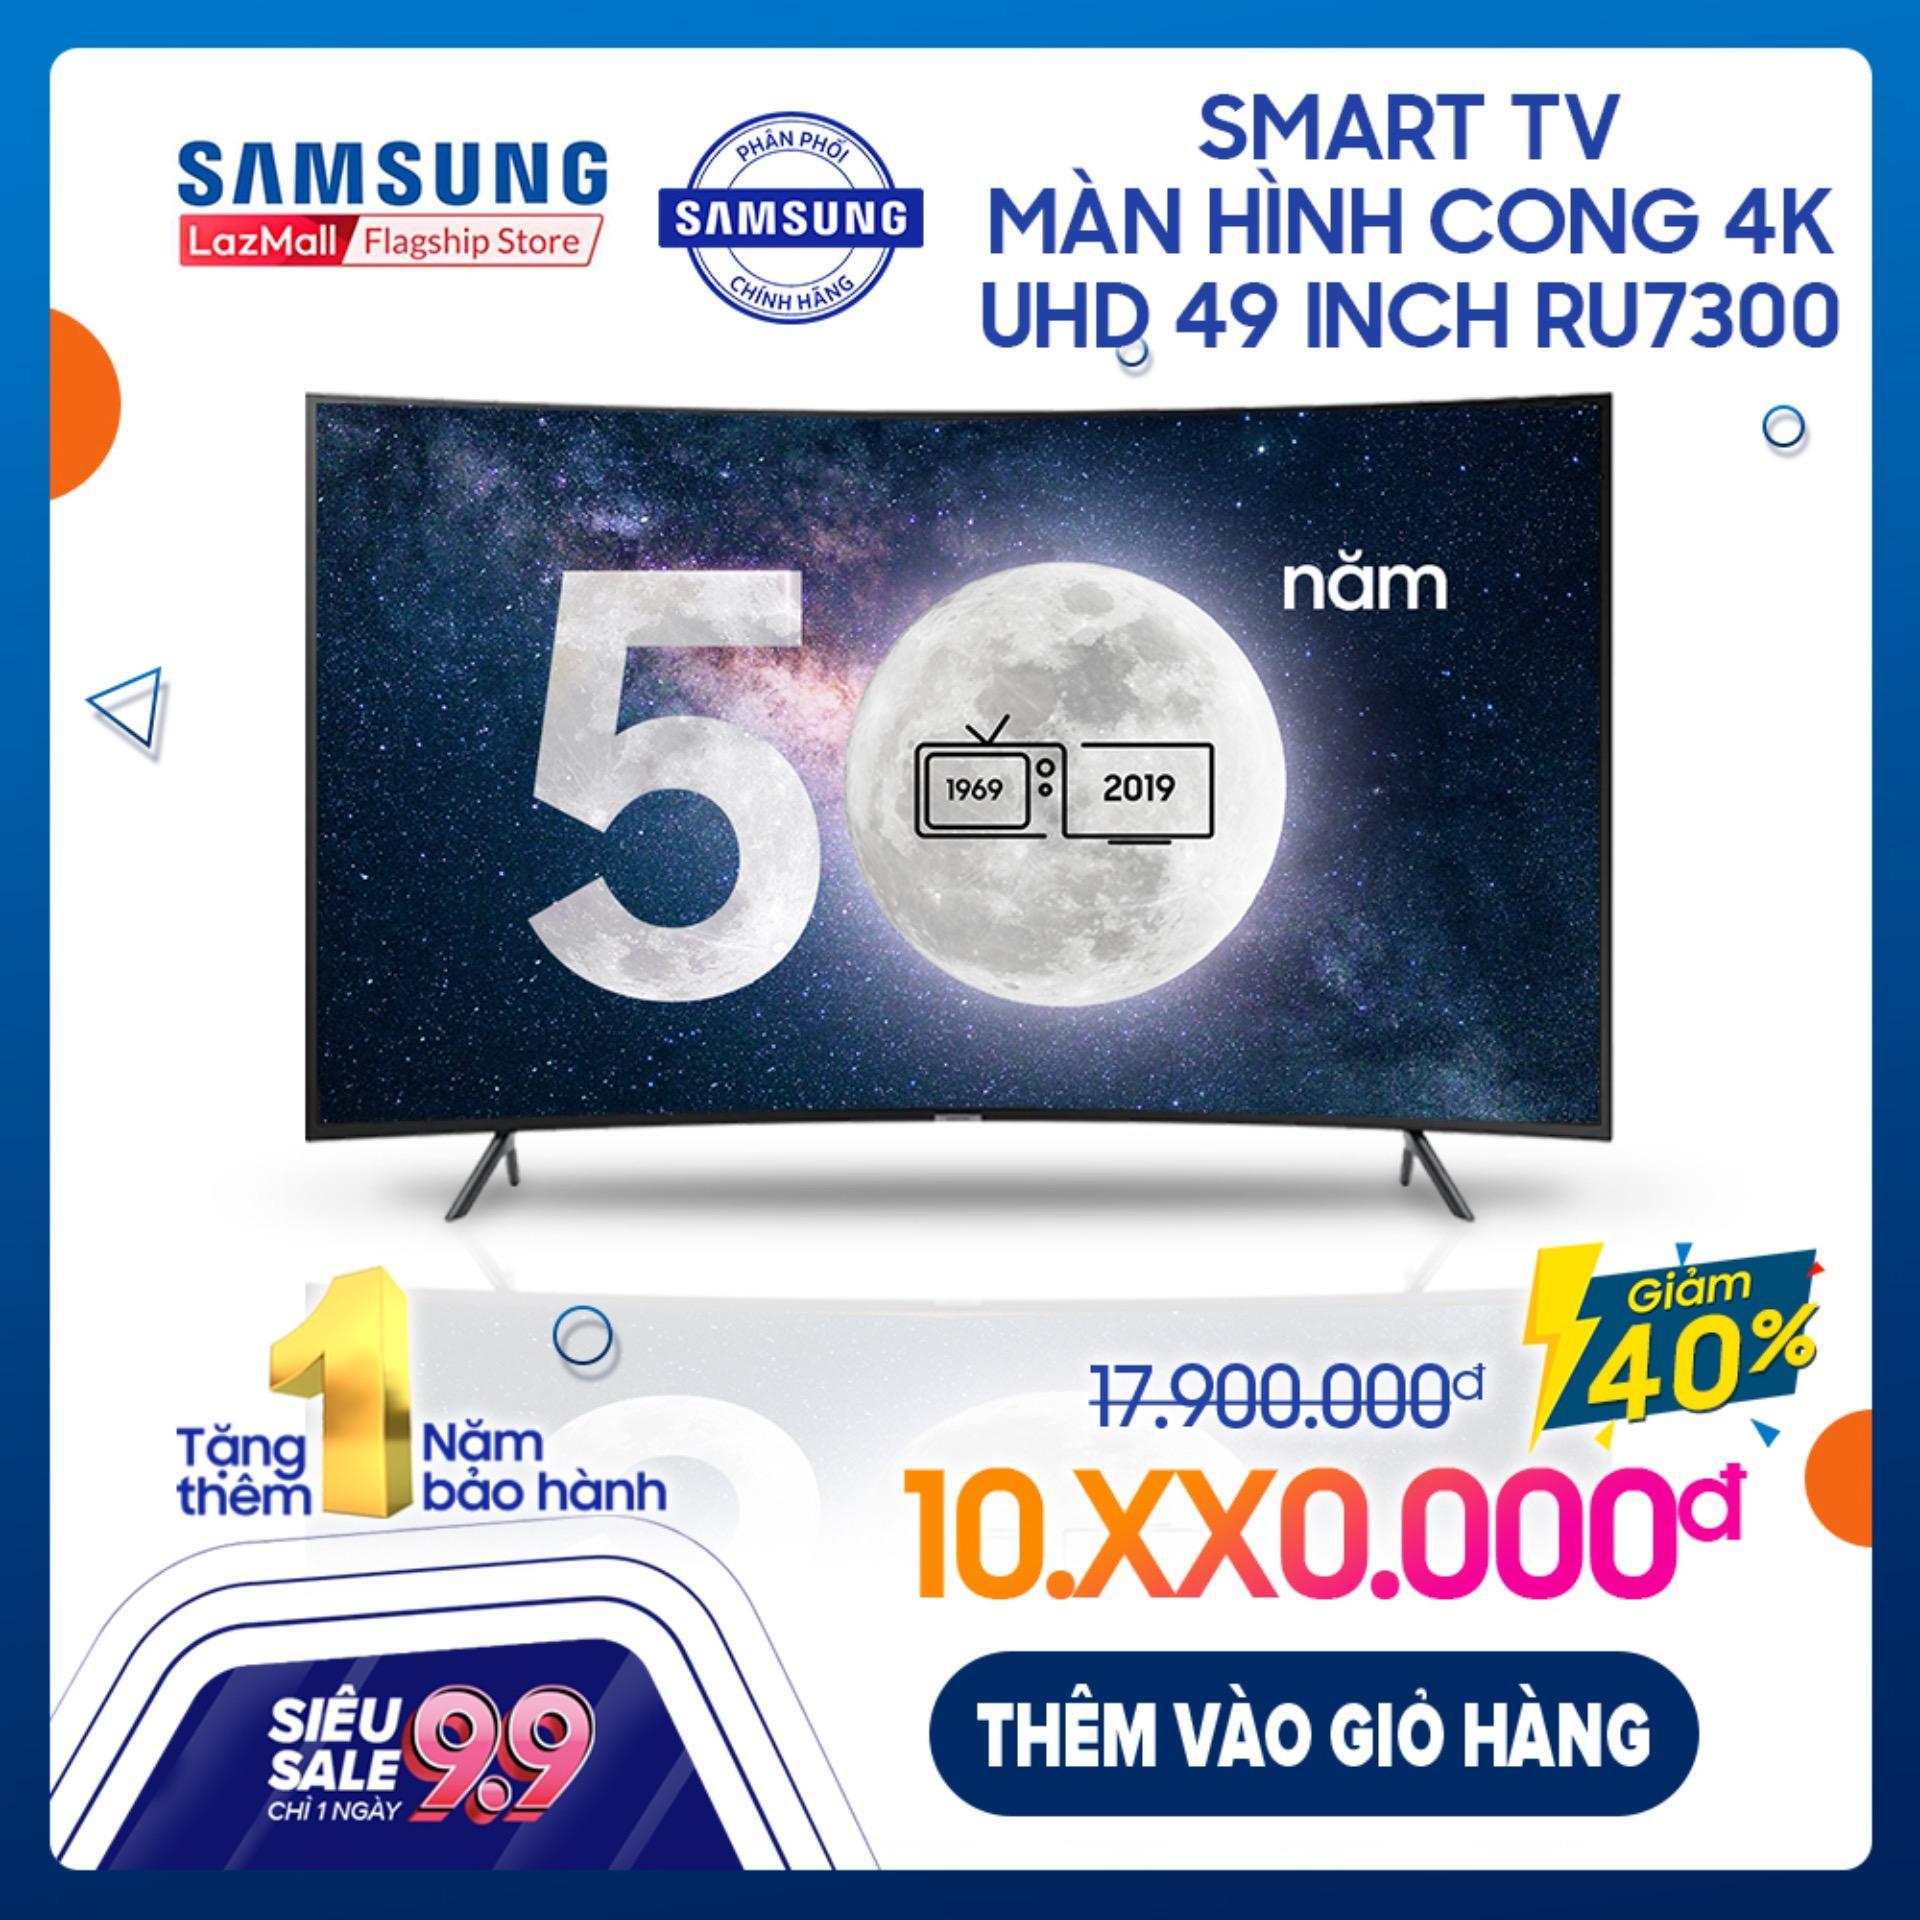 Smart TV Samsung màn hình cong 4K UHD 49 inch...